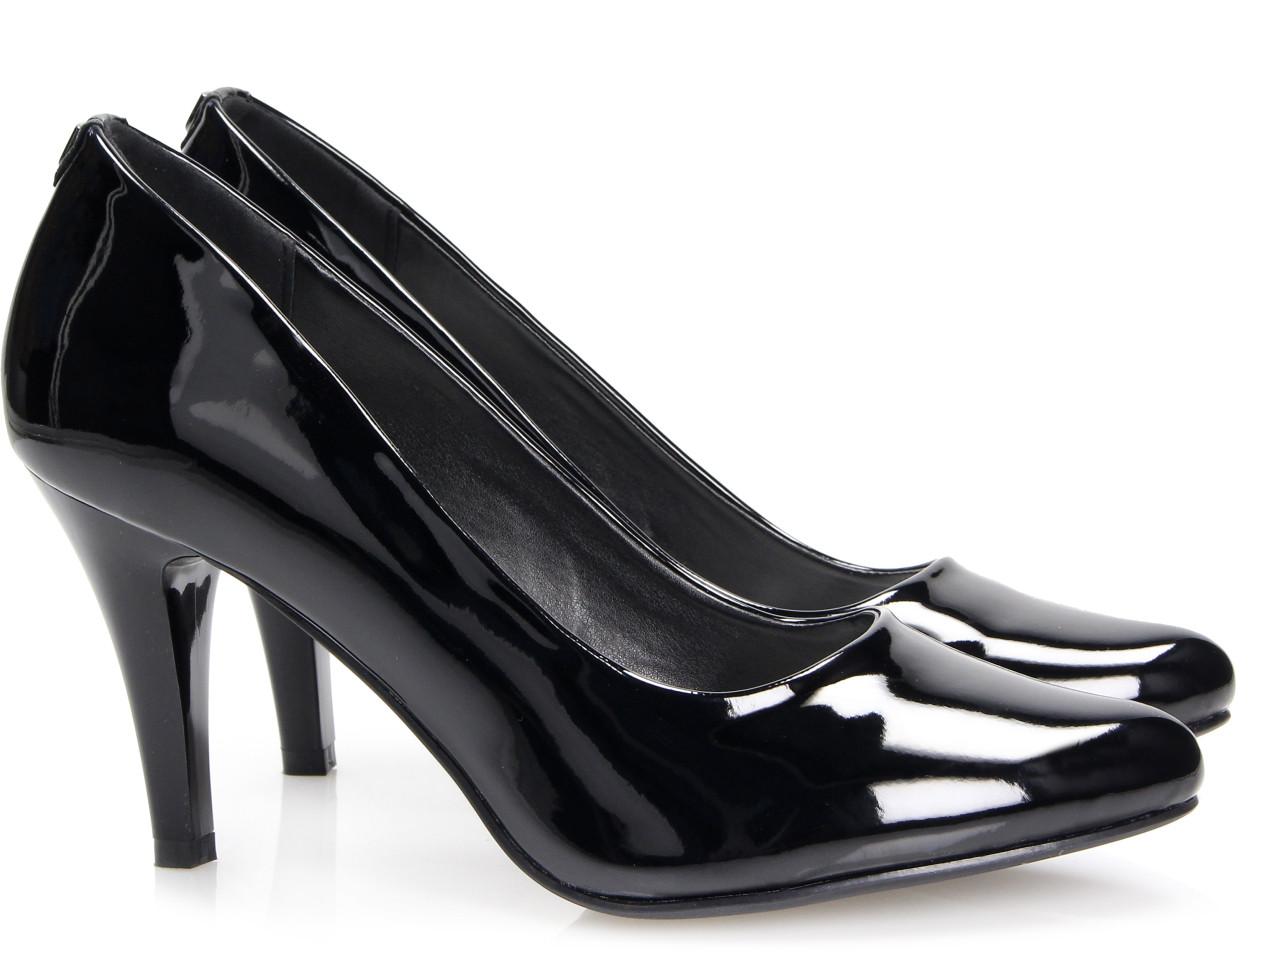 Классические лаковые туфли на каблуке купить Киев Украина фото 2016 Nominal Black